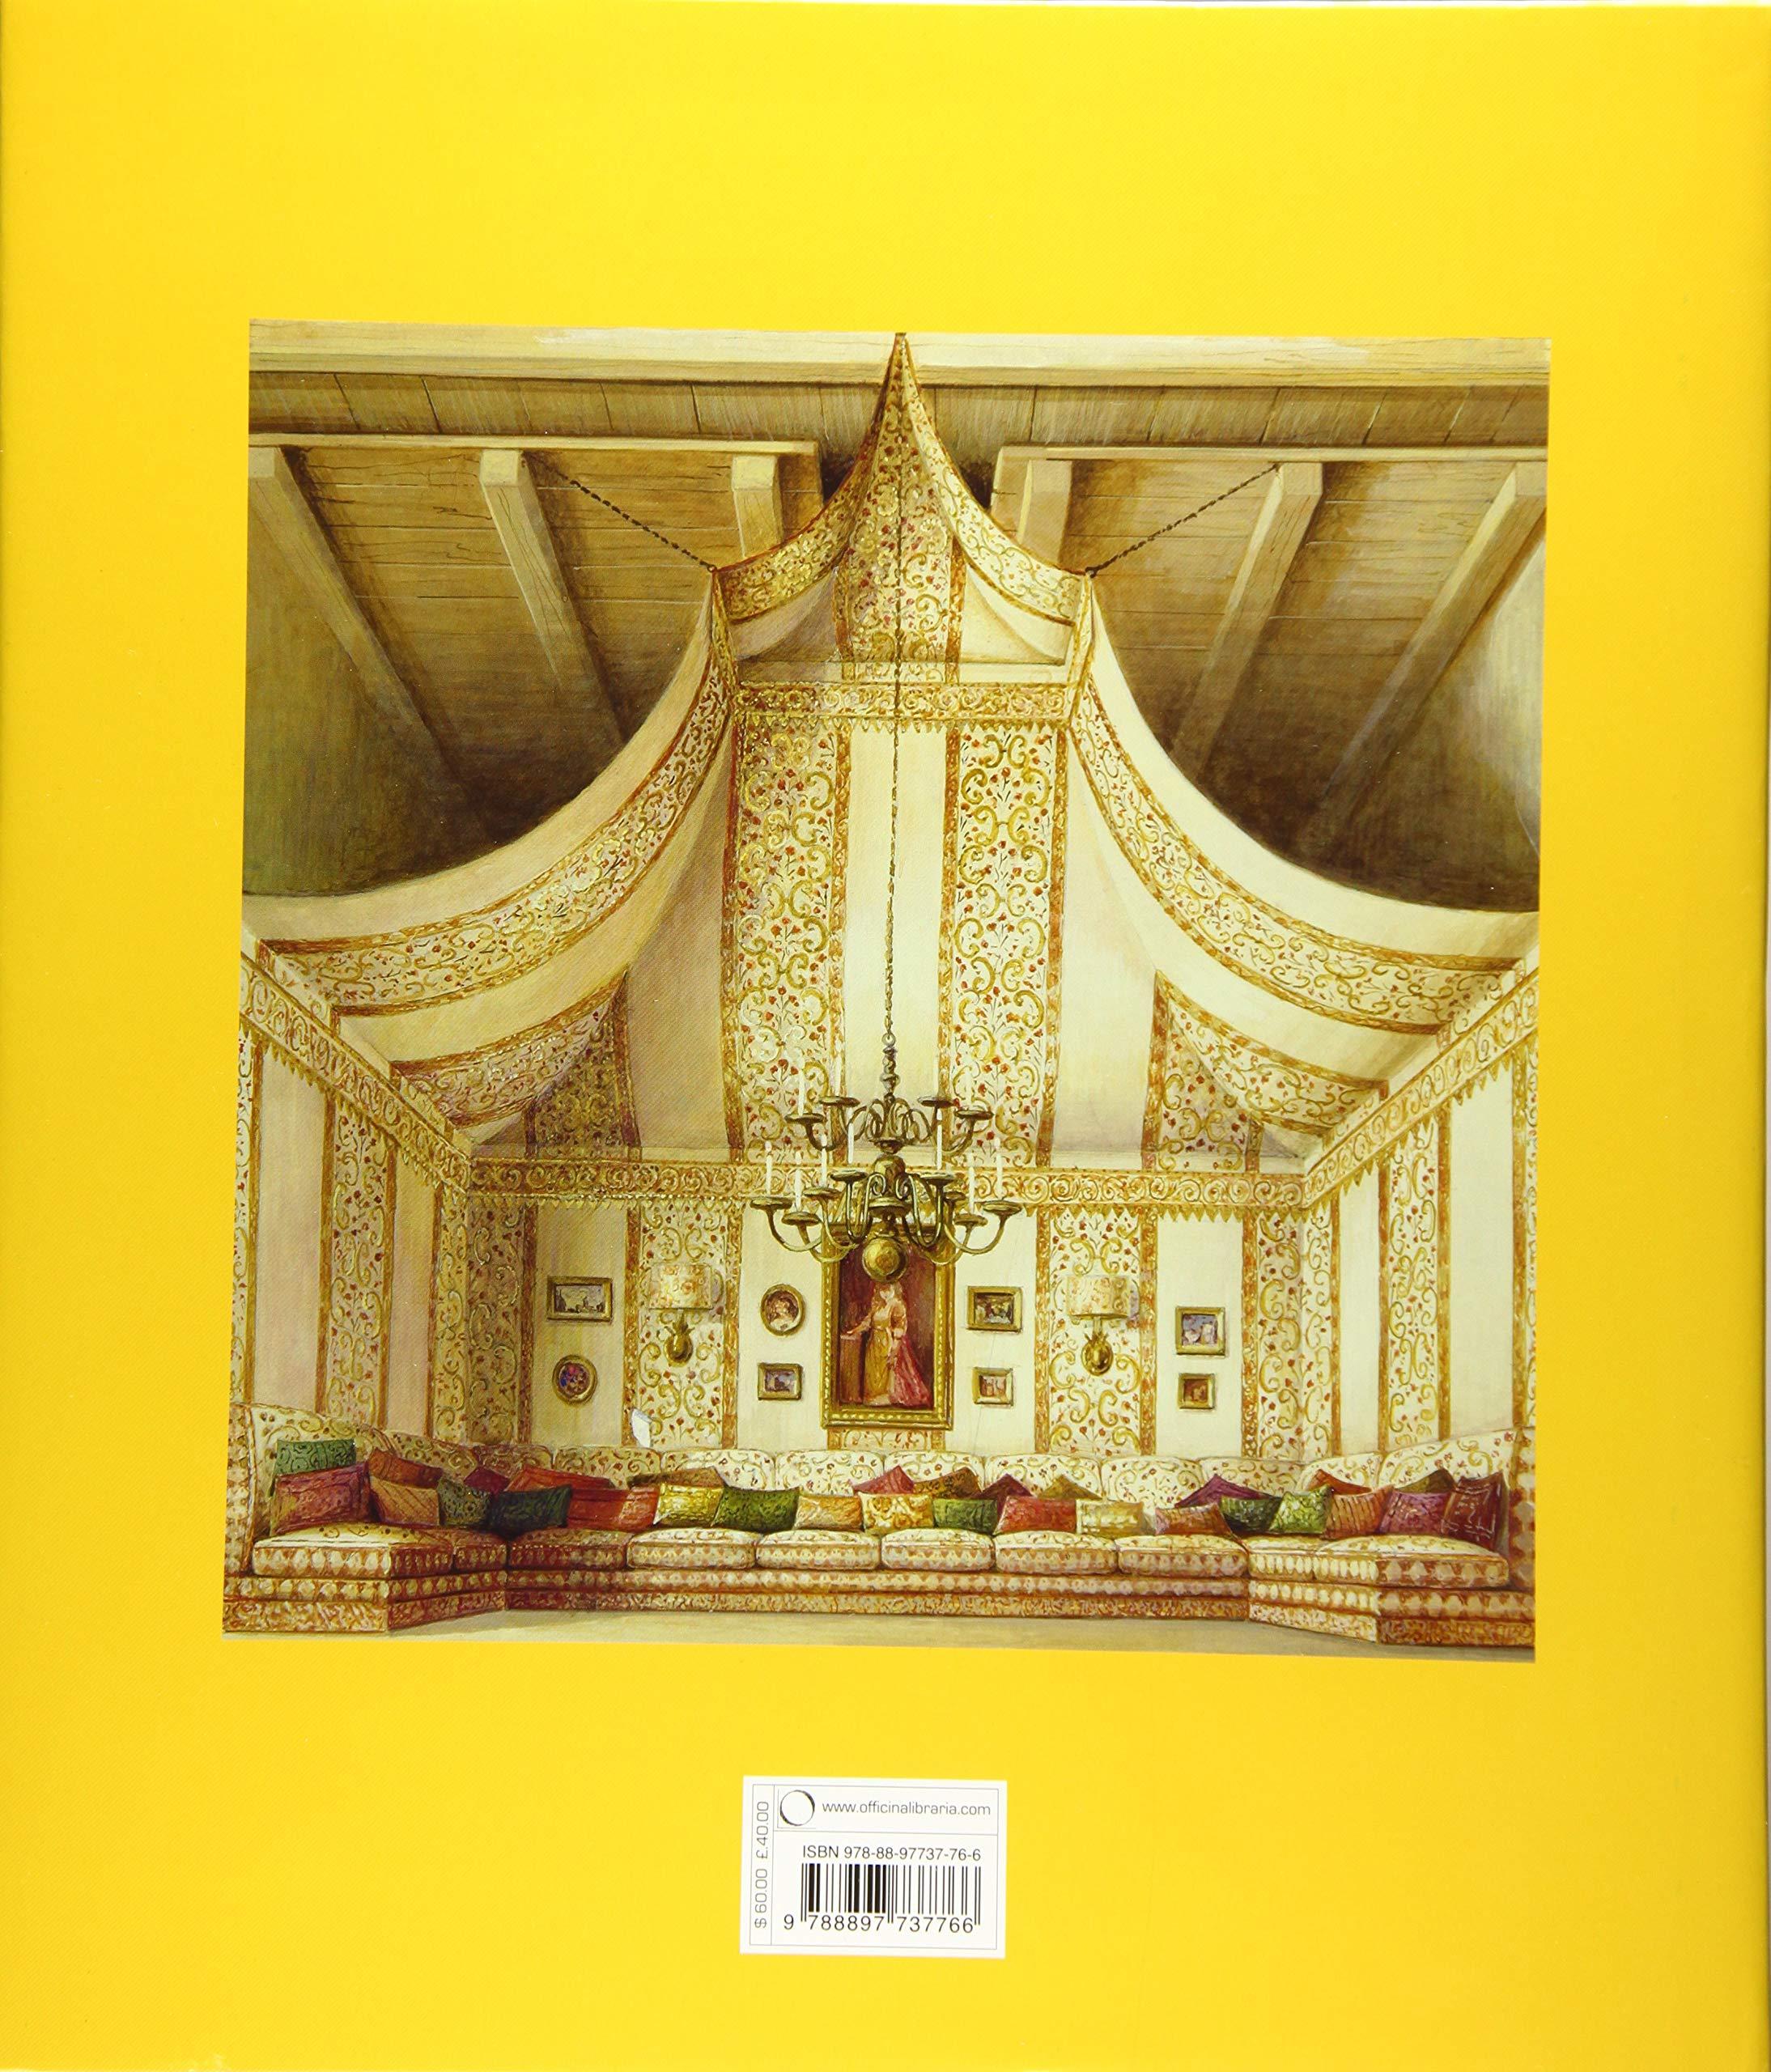 Renzo Mongiardino. Roomscapes. Ediz. a colori: Amazon.es: Simone, F.: Libros en idiomas extranjeros